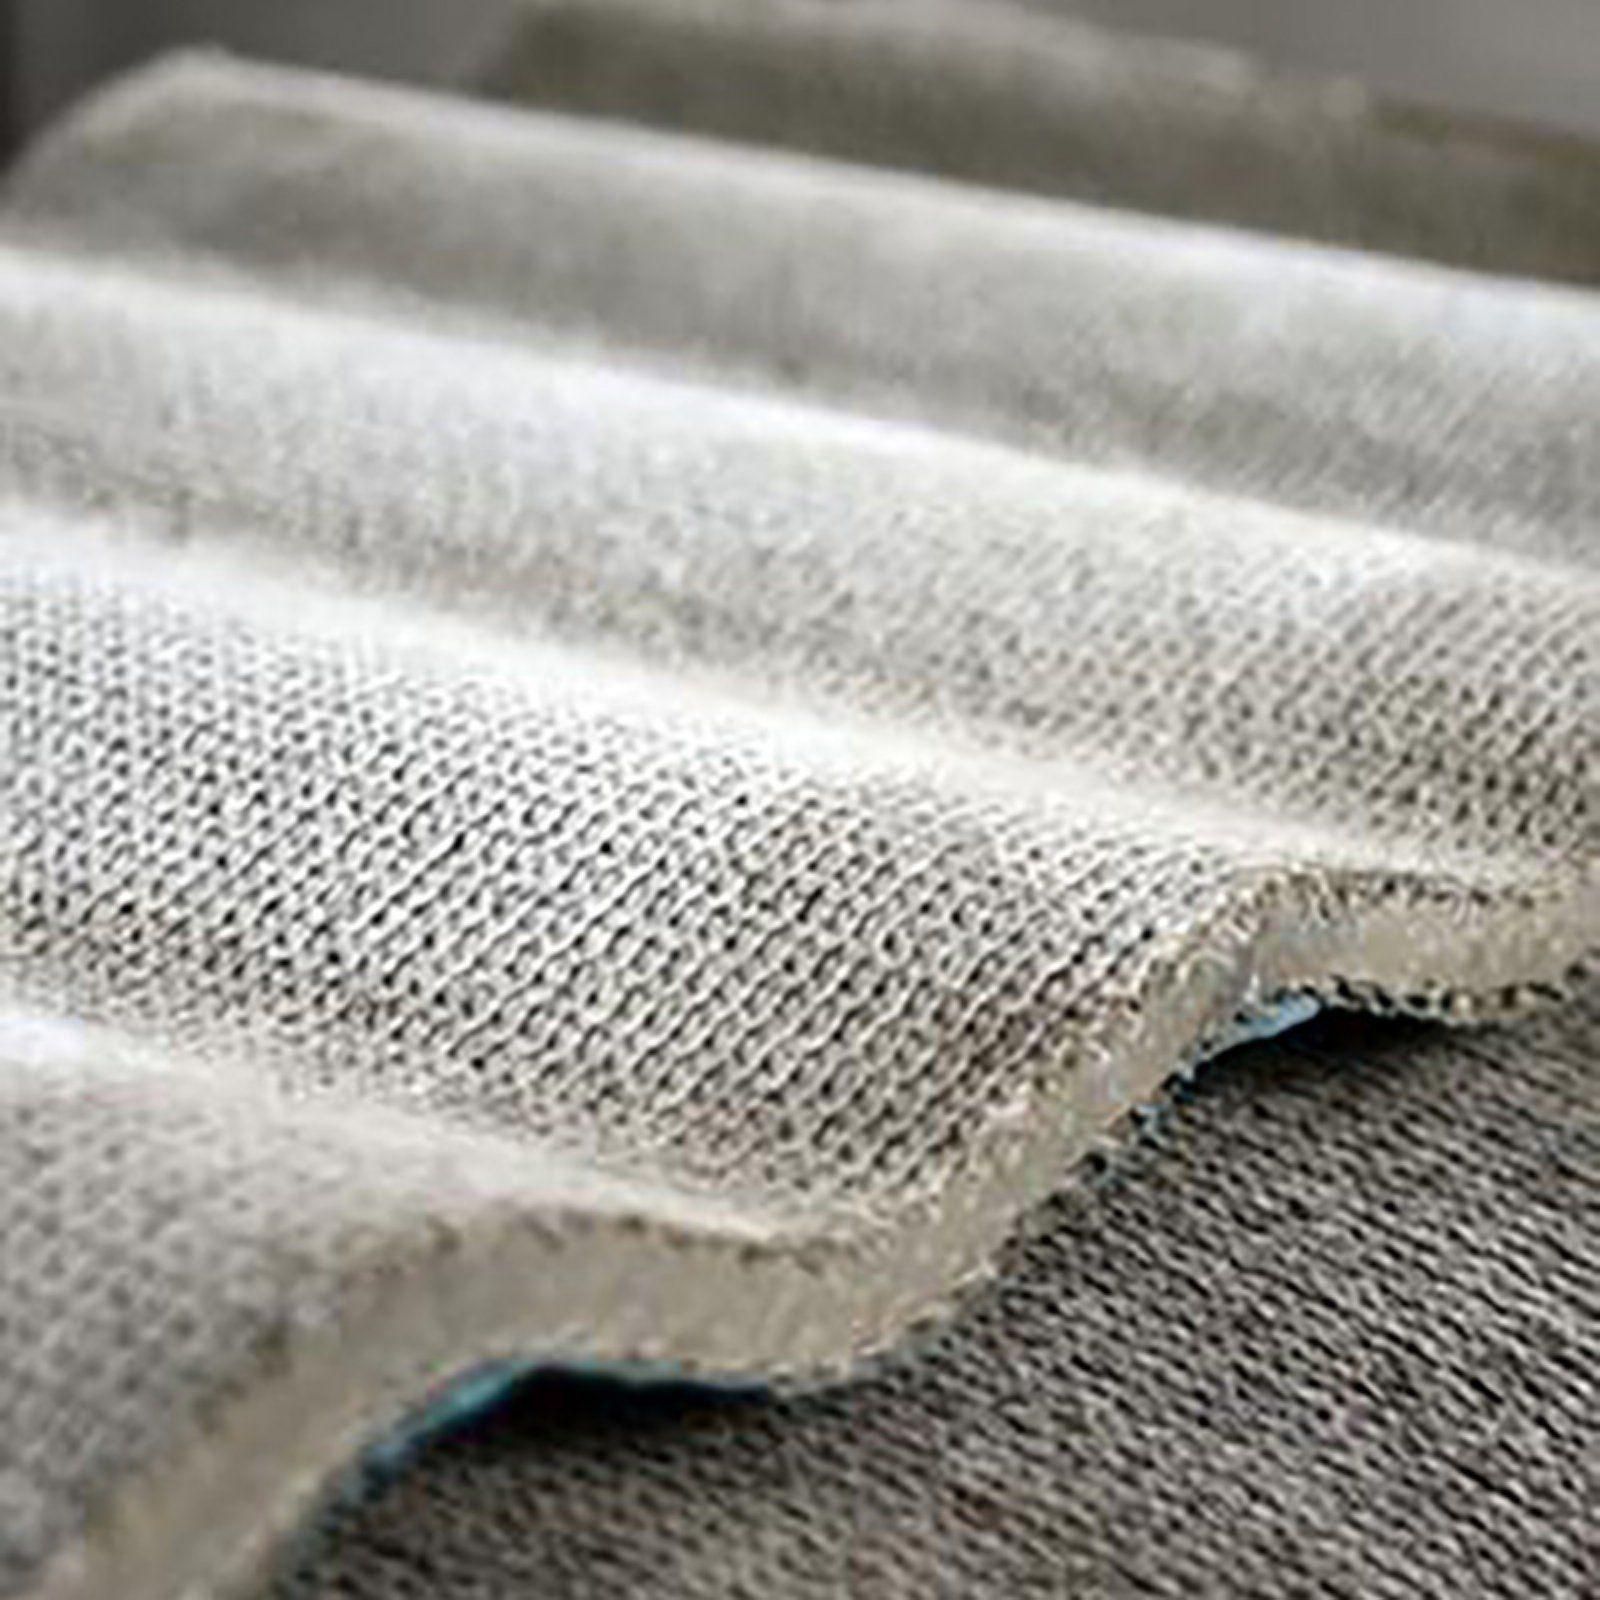 Aquascape Concrete Cloth Roll 3 5 X 30 Ft Concrete Cloth Concrete Concrete Furniture